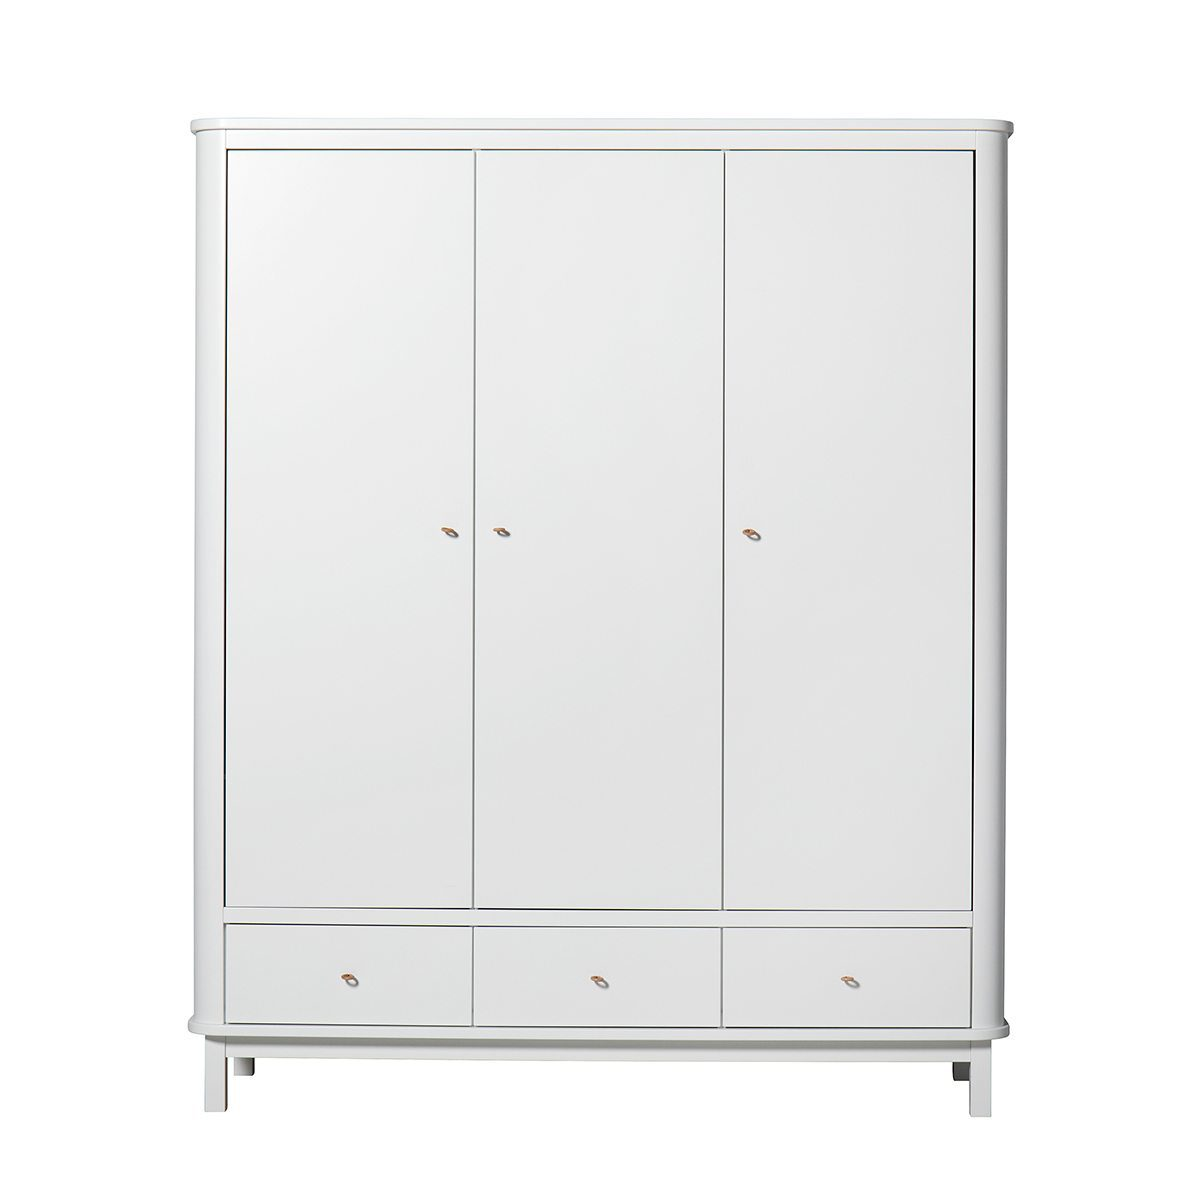 Oliver Furniture – Wood Kinderkledingkast 3 deuren – Wit